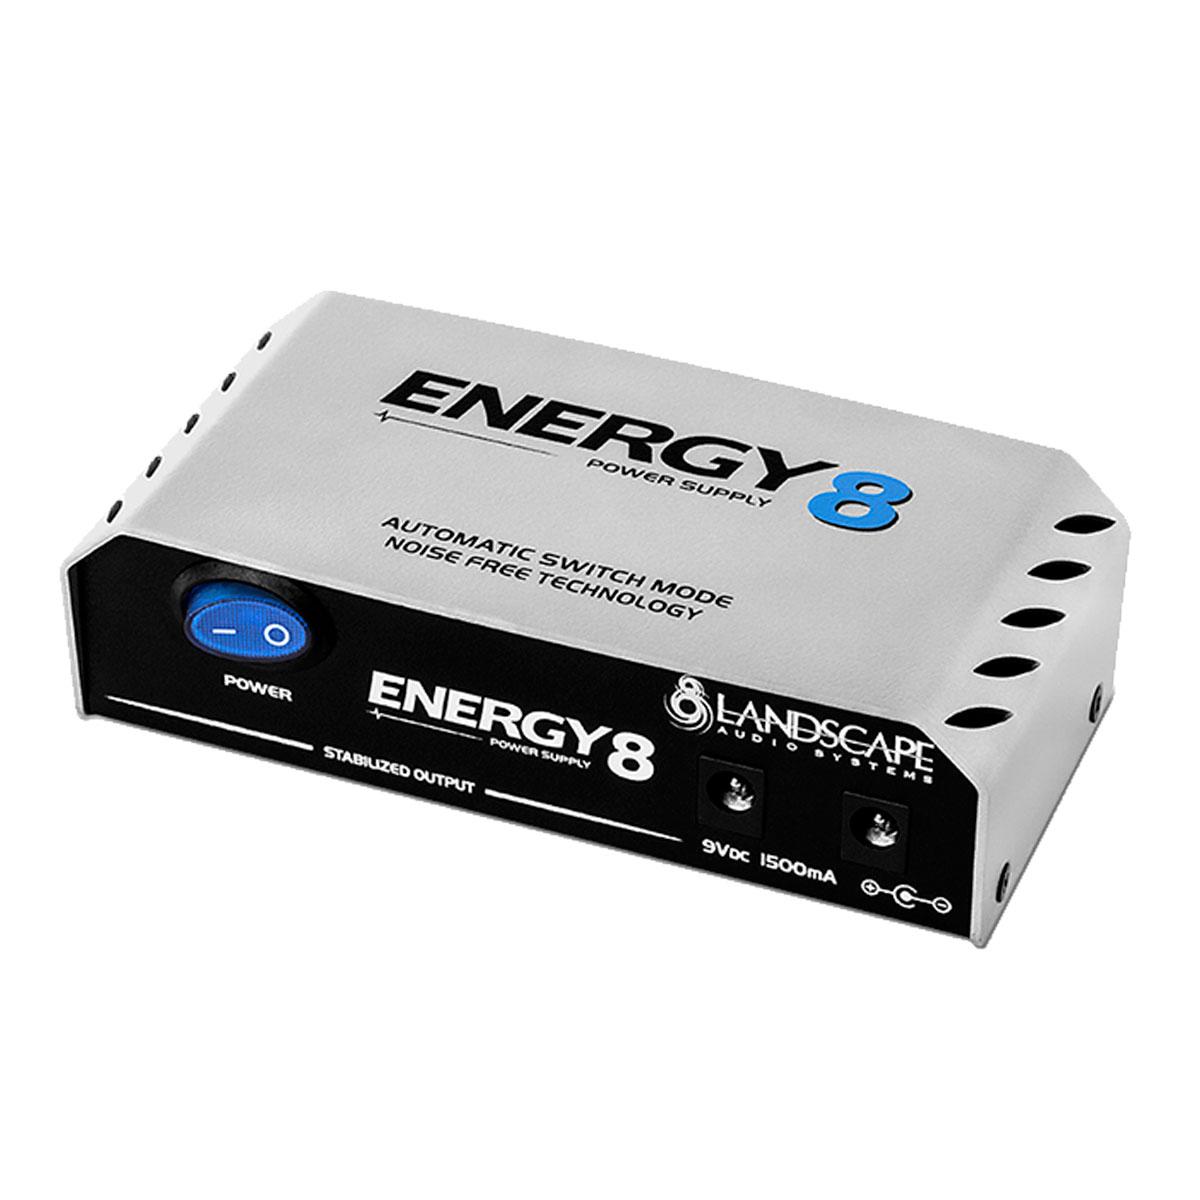 E8 - Fonte Automática 9V DC 1500mA 8 Plugs Energy 8 - Landscape